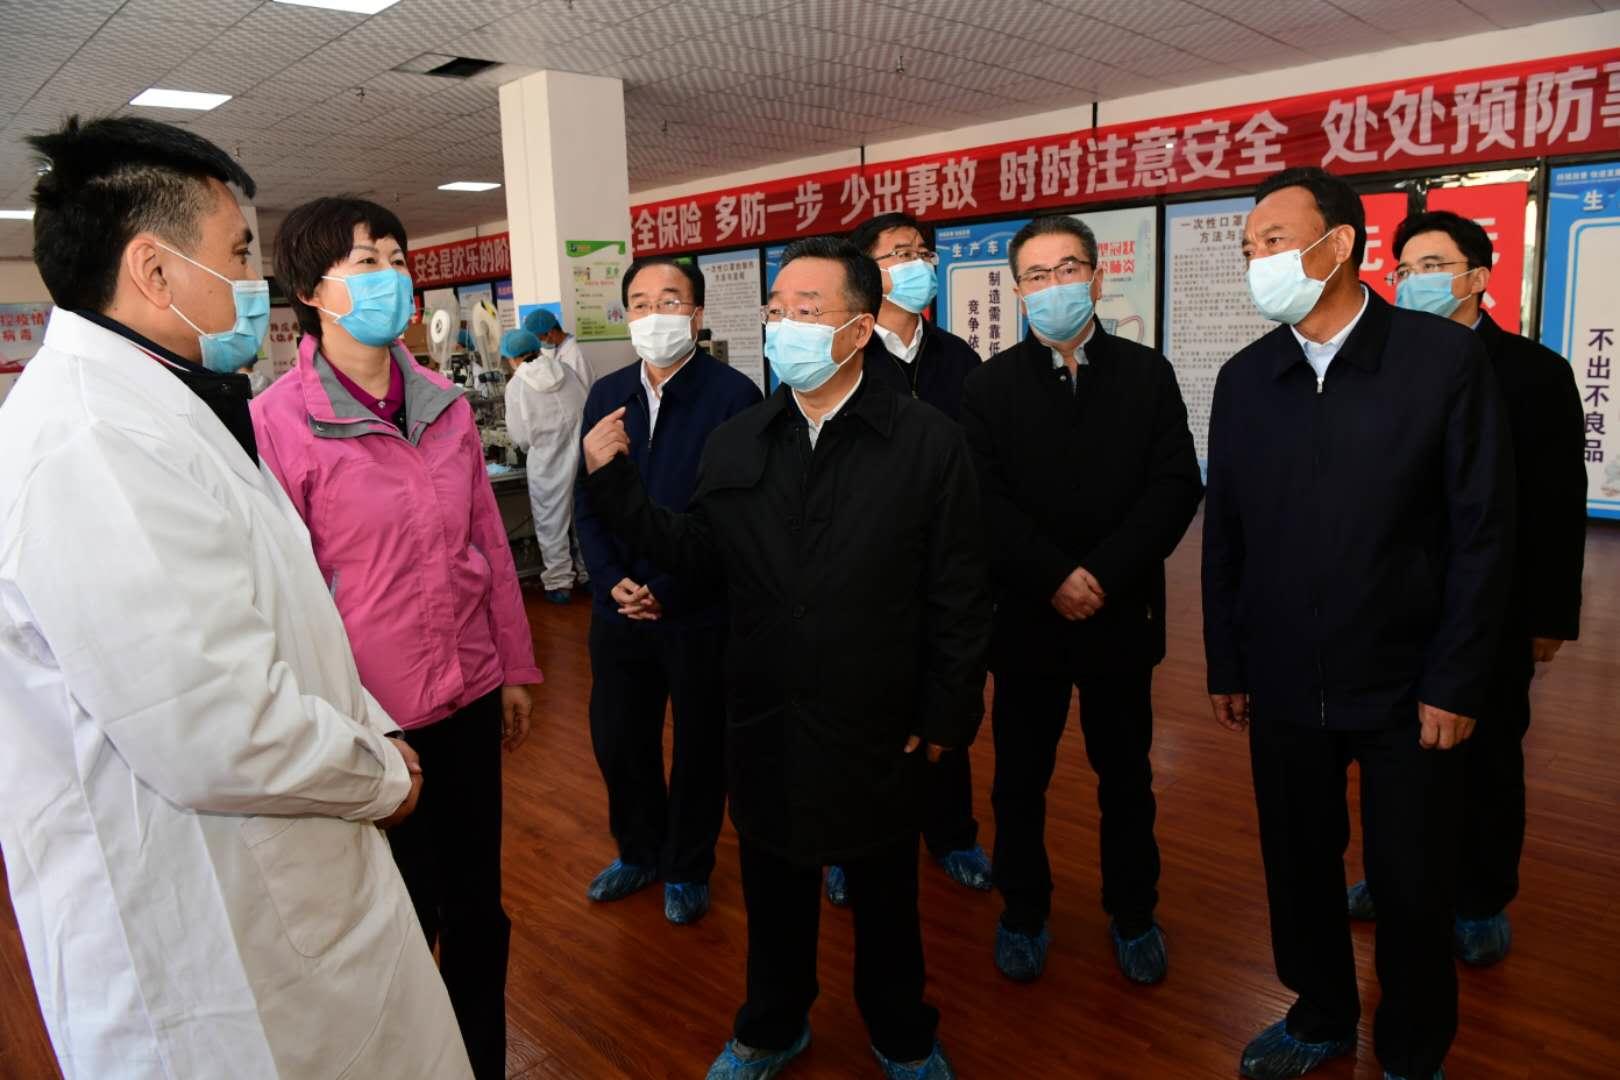 唐仁健在广河调研企业复工复产和疫情防控等工作图片